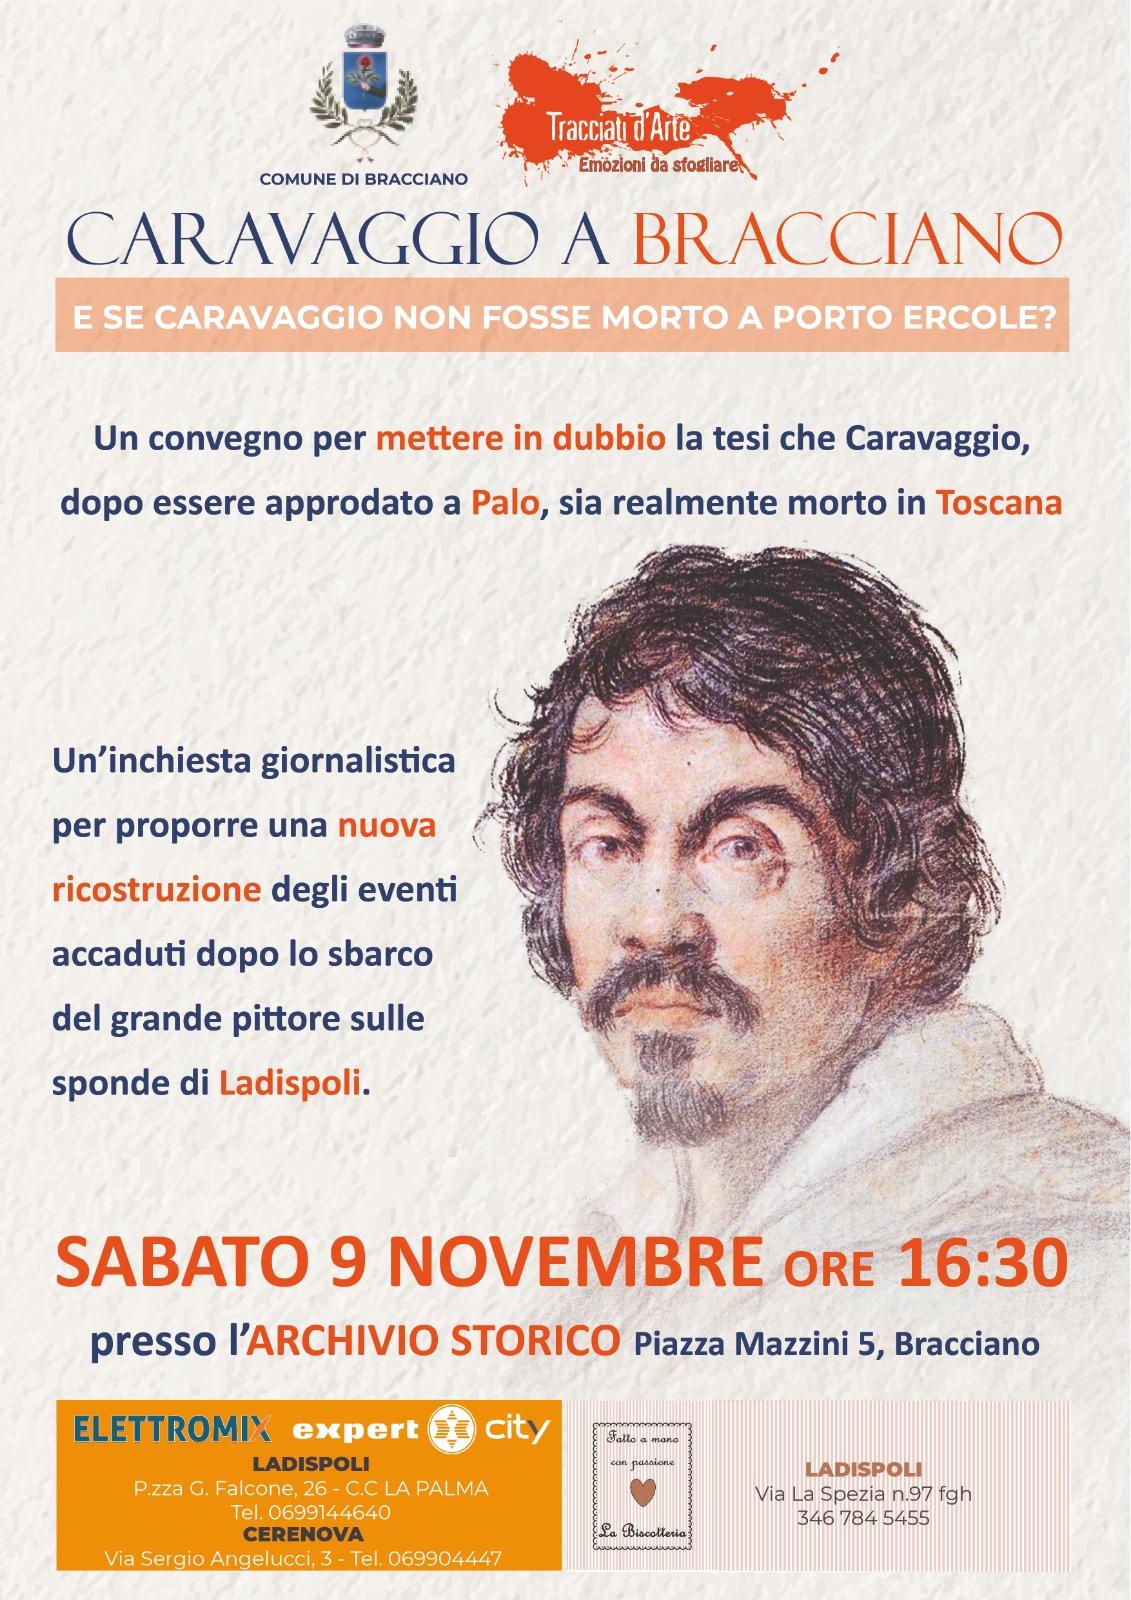 """""""Oggi a Bracciano convegno sull'ipotesi che Caravaggio possa aver vissuto le ultime ore a Palo Laziale e non a Porto Ercole"""" - L'agone"""